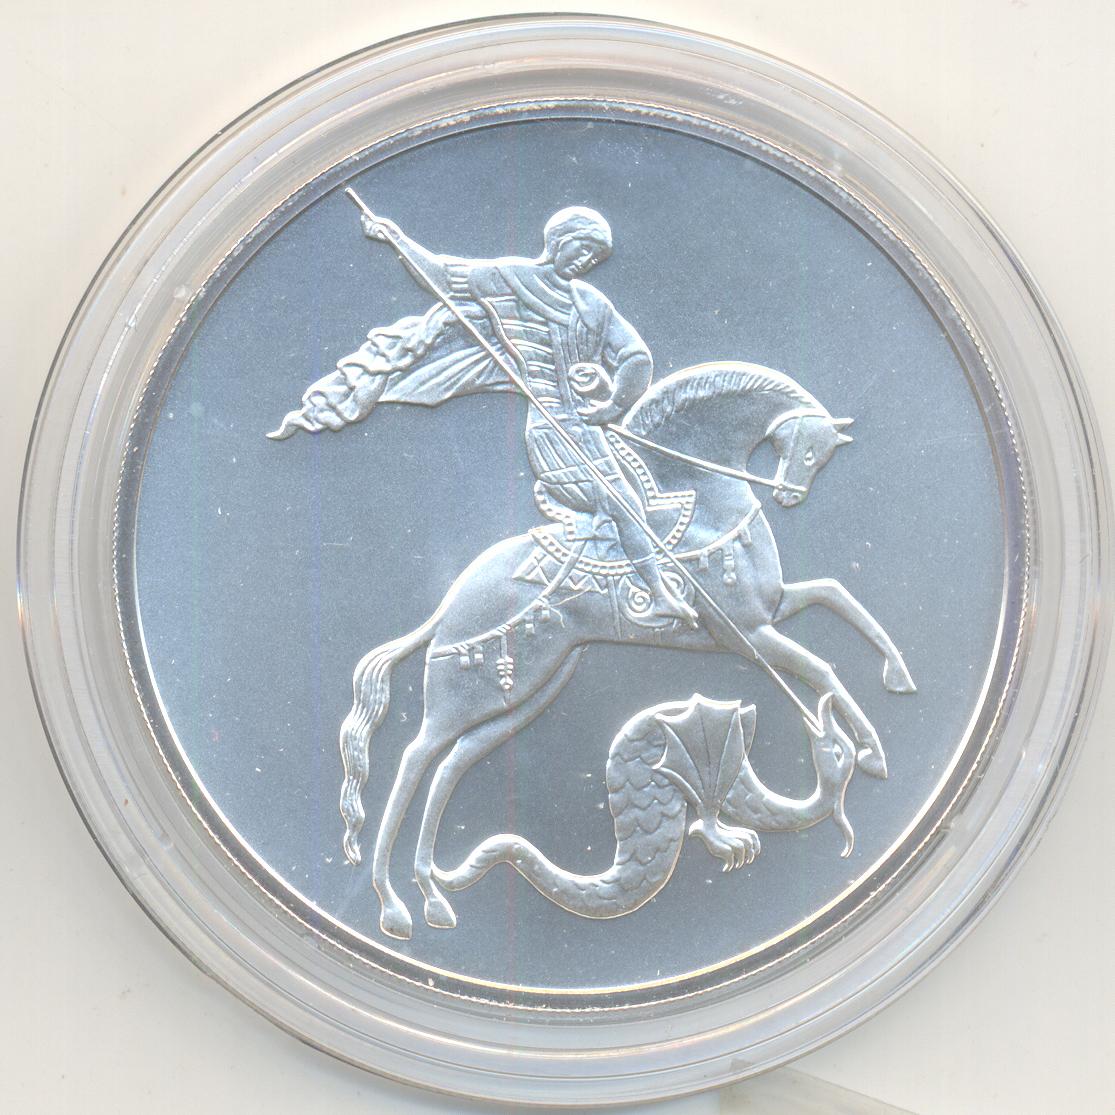 серебряные три рубля с новым знаком